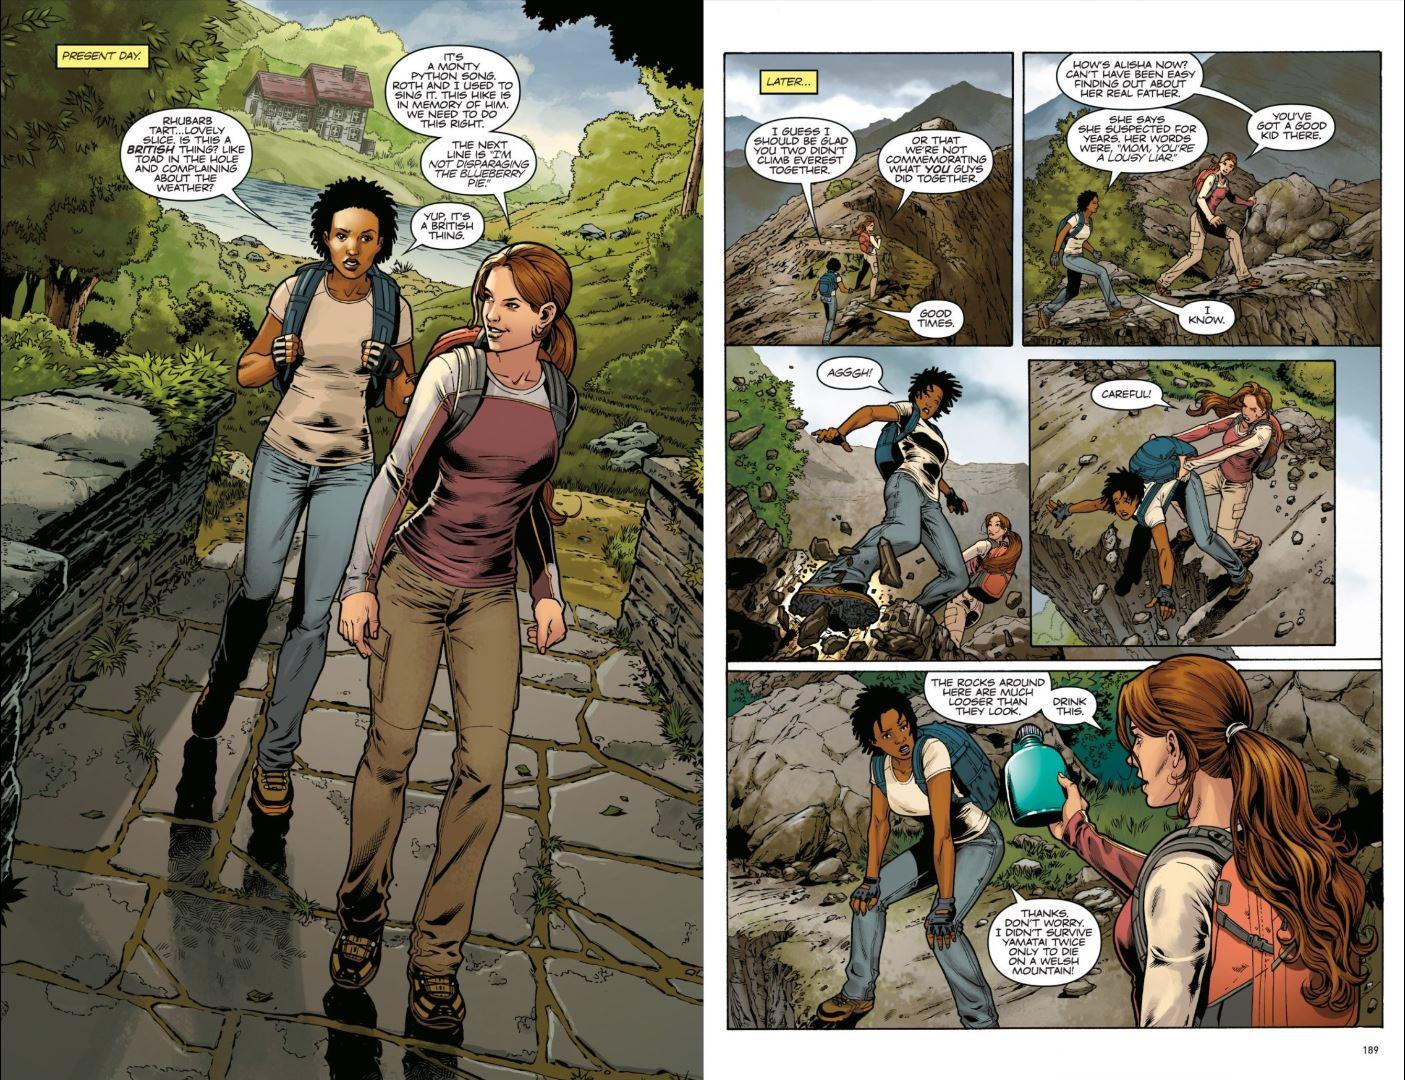 Tomb Raider Omnibus Vol. 1 Review 3